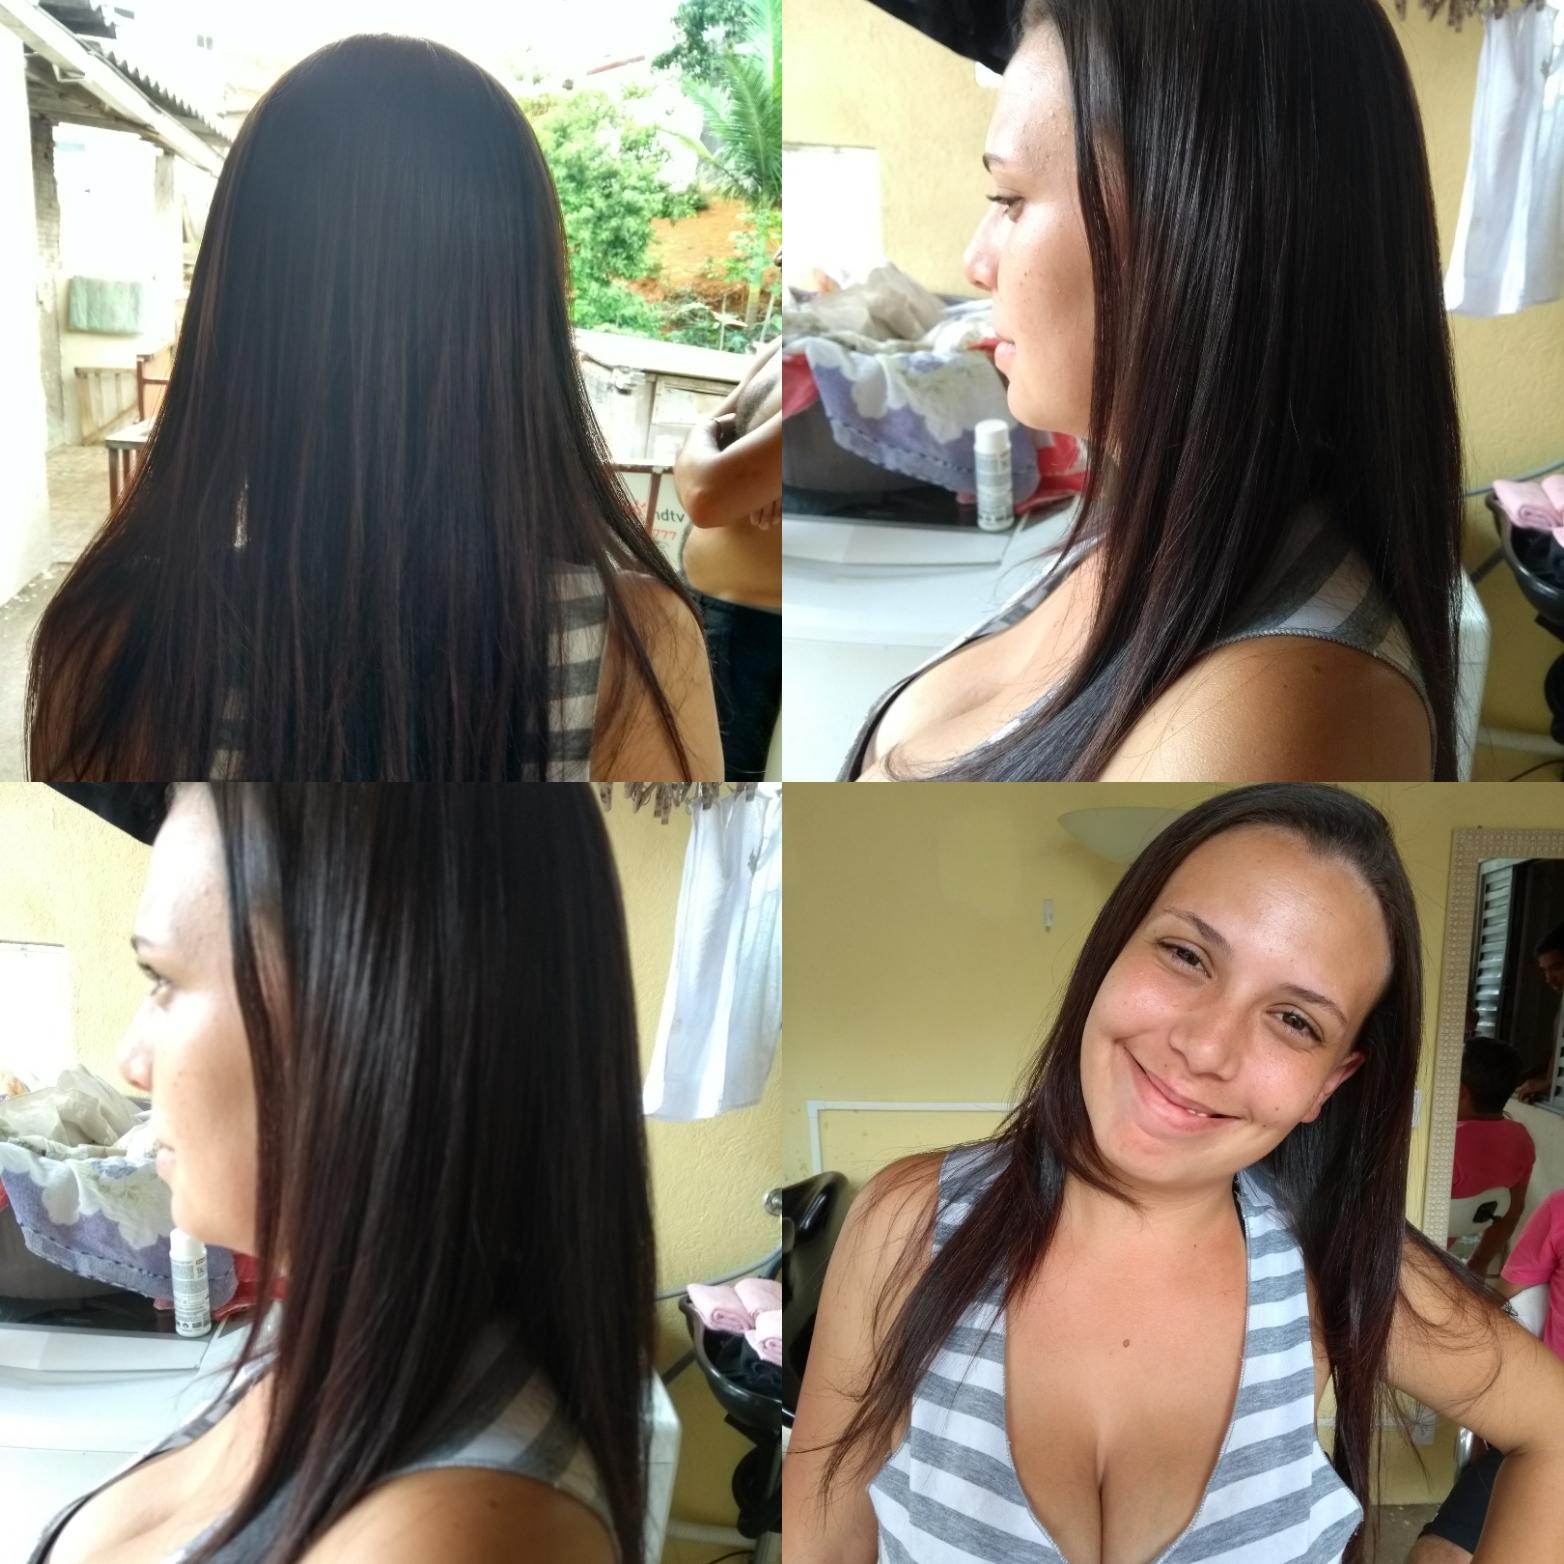 Alisamento feito por progressiva cliente com os cabelos totalmente enrolados  cabelo estudante (cabeleireiro) auxiliar administrativo manicure e pedicure recepcionista